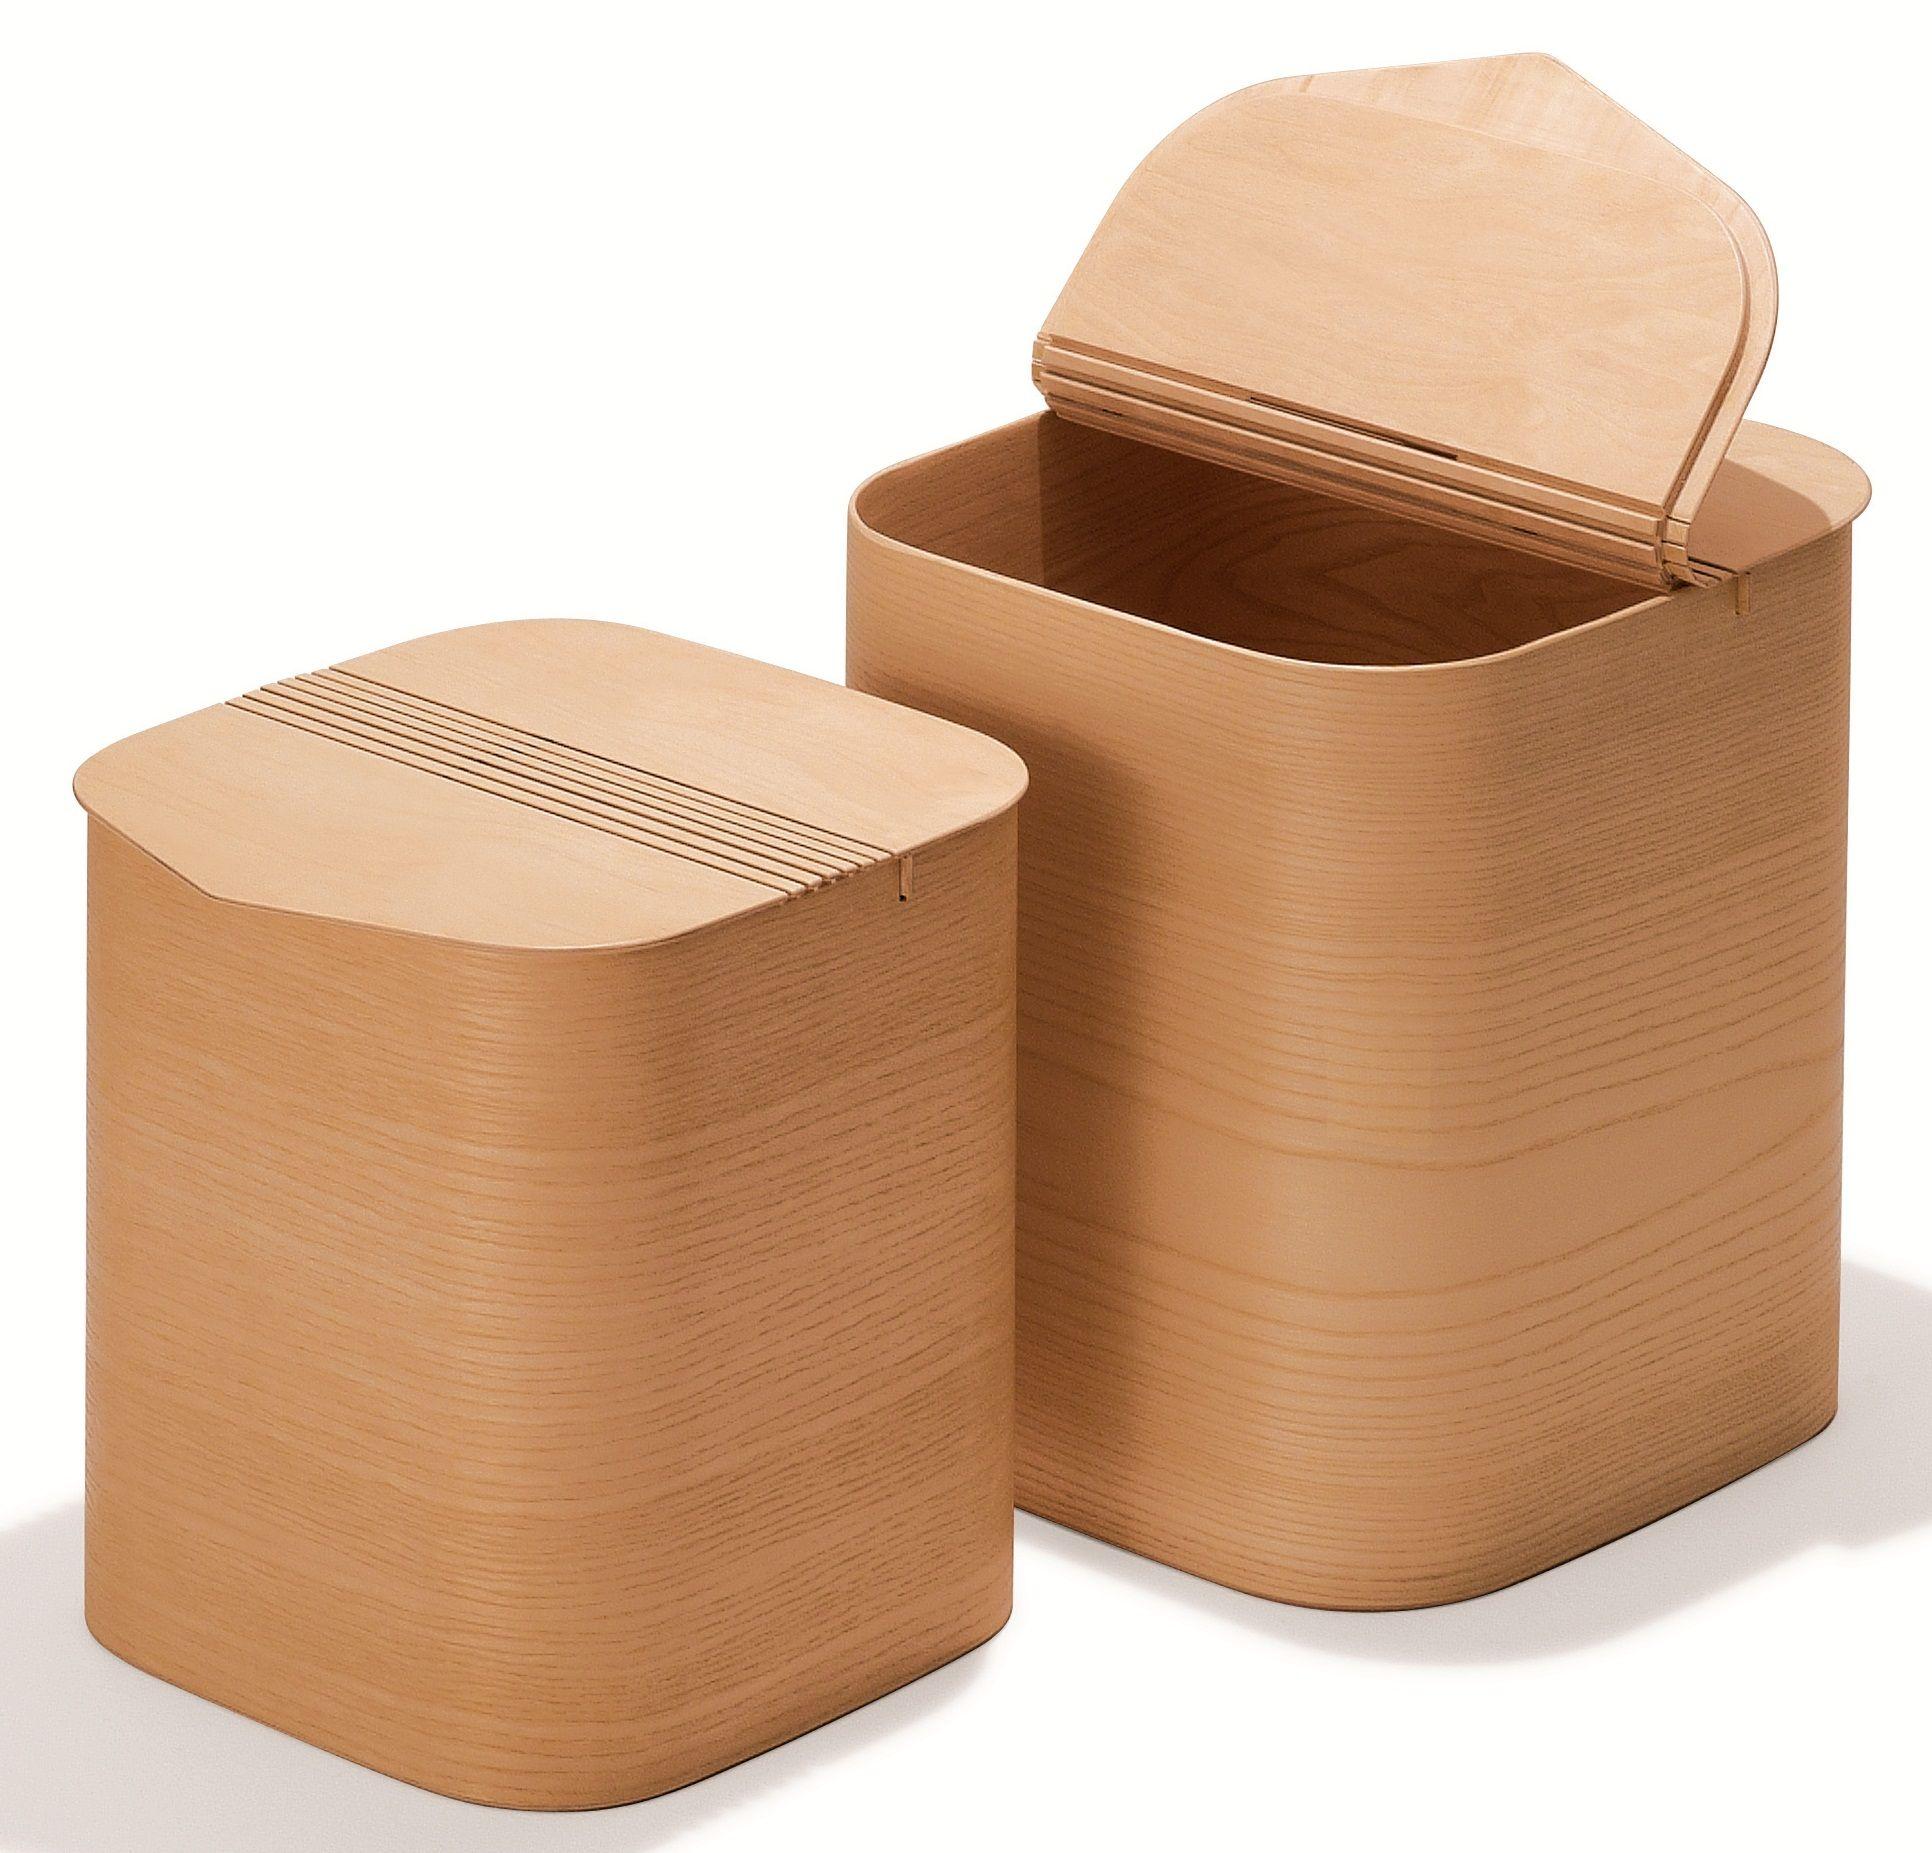 quadratischer w schekorb pinkquadro buche natur praktischer und sch ner deckel aus buche f r bad. Black Bedroom Furniture Sets. Home Design Ideas